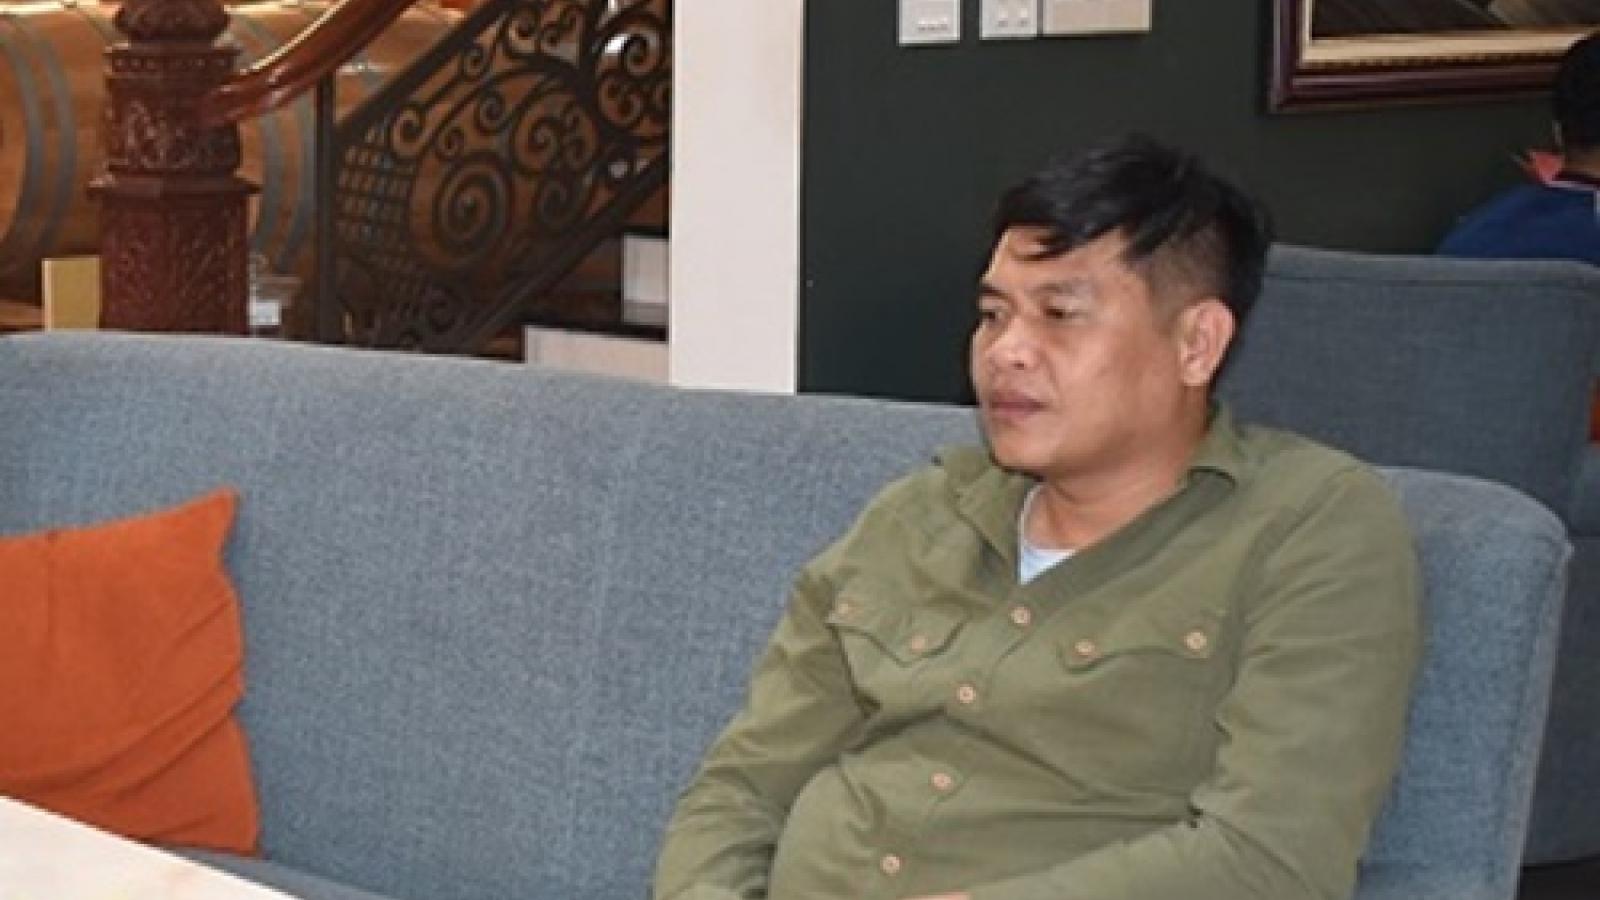 Phóng viên bị bắt khi tống tiền doanh nghiệp có đăng kí tác nghiệp ở Ninh Bình